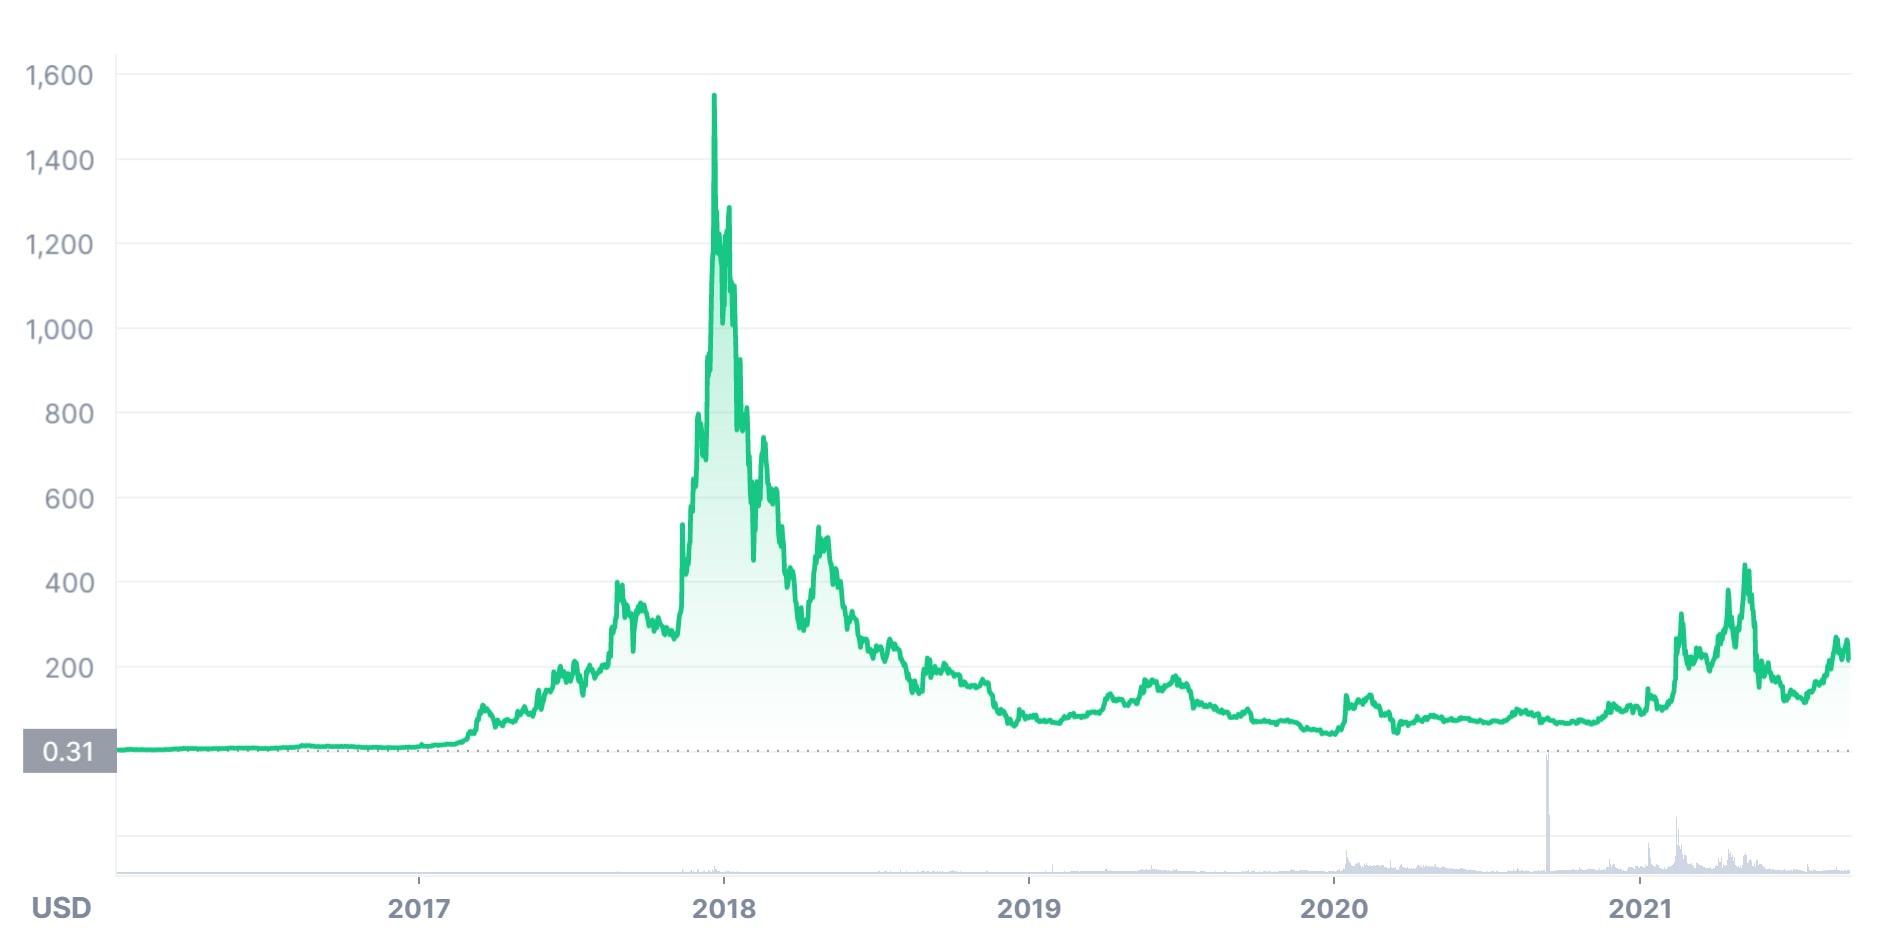 DASH USD price graph